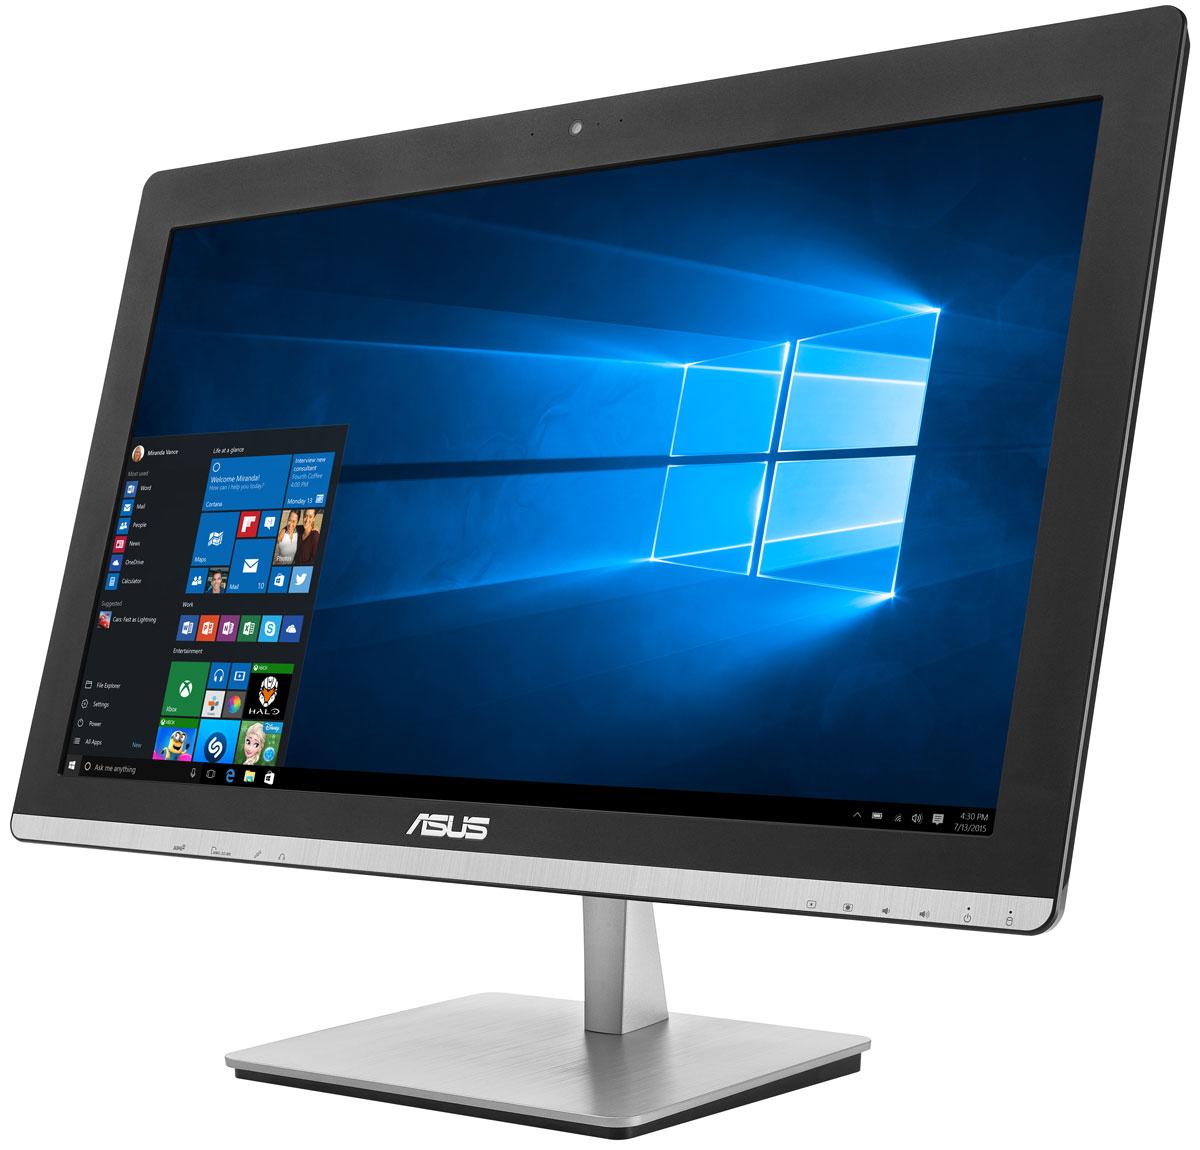 ASUS Vivo AiO V230ICGK-BC323X, Black моноблокV230ICGK-BC323XУстройство Asus V230ICGK - это полноценный моноблочный компьютер, включающий в себя дисплей, процессор, видеокарту, оперативную и пользовательскую память. Он выполнен в красивом корпусе, который будет удачно смотреться в домашнем интерьере.Компактное полнофункциональное устройство, такое как моноблочный компьютер Asus V230ICGK, идеально подходит для современного дома, поскольку его можно использовать для самых различных приложений, как рабочих, так и развлекательных, при этом не засоряя домашний интерьер множеством кабелей и дополнительных приспособлений. Изящная подставка прочно удерживает моноблочный компьютер на месте. В отличие от подставок аналогичных моделей, ее верхний конец прикреплен к задней панели дисплея, а не к его основанию.Моноблочный компьютер Asus V230ICGK оснащается процессором Intel Core i7 шестого поколения, который показывает высокую производительность при низком энергопотреблении. С ним можно комфортно выполнять любые задачи, от веб-серфинга и создания мультимедийных презентаций до редактирования видеороликов.Моноблок Asus V230ICGK оснащен современной графической подсистемой. NVIDIA GeForce 930M поможет ускорить процесс создания видео в HD-качестве и обработку фотографий, а также даст возможность насладиться плавной визуализацией и отменной реакцией в современных играх.Asus V230ICGK обладает ультратонким экраном со светодиодной подсветкой, обеспечивающим высокую яркость и контрастность изображения. Благодаря широким углам обзора IPS-матрицы картинка на экране моноблока не претерпевает каких-либо искажений цветопередачи при изменении угла, под которым вы смотрите на экран. Разрешение Full HD (1920x1080) позволяет наслаждаться играми и фильмами с безупречной четкостью.Точная цветопередача делает любое изображение на экране этого компьютера невероятно реалистичным, будь то картинка вечернего заката или семейное фото.Благодаря эксклюзивной технологии SonicMaster встроенная аудиосистема Asu